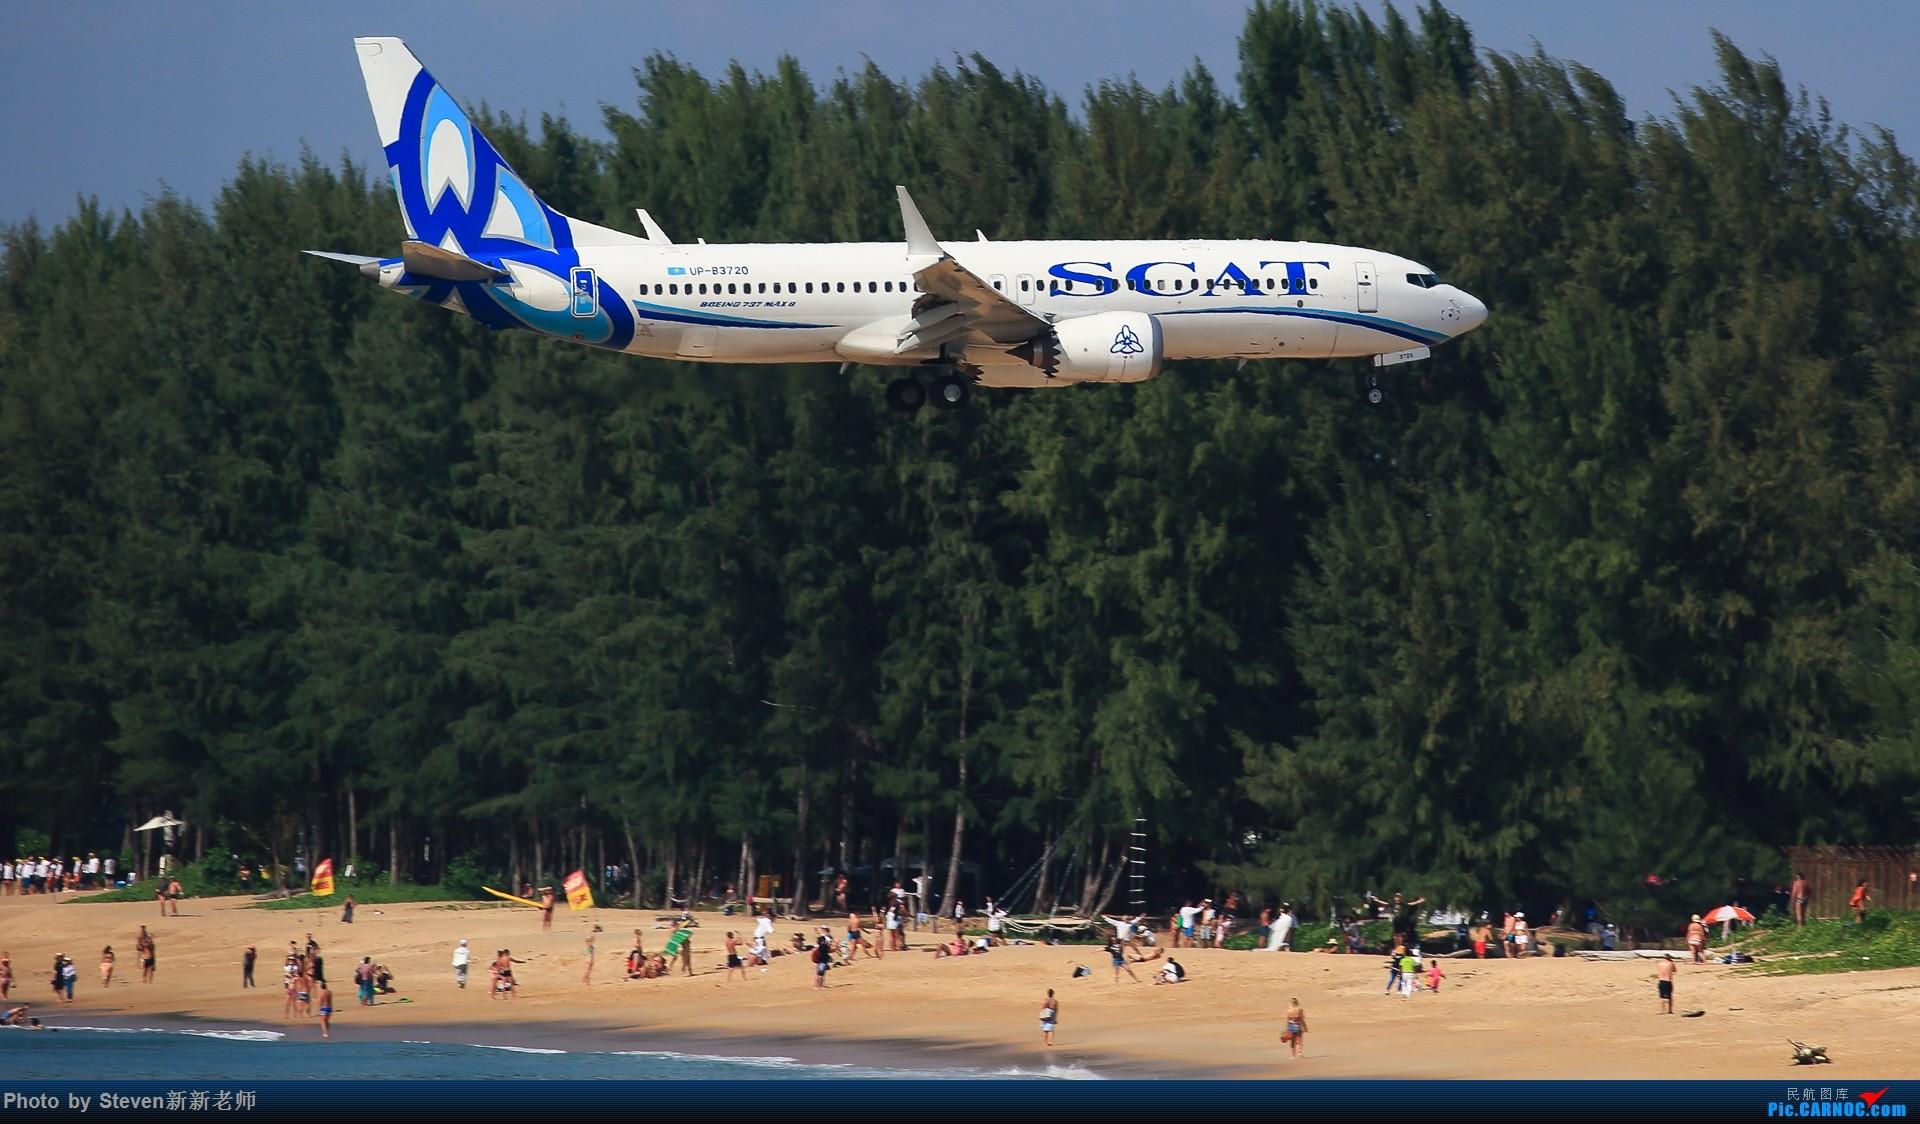 """Re:[原创]亚洲""""圣马丁岛""""—普吉国际机场拍机 BOEING 737MAX-8 UP-B3720 泰国普吉机场"""